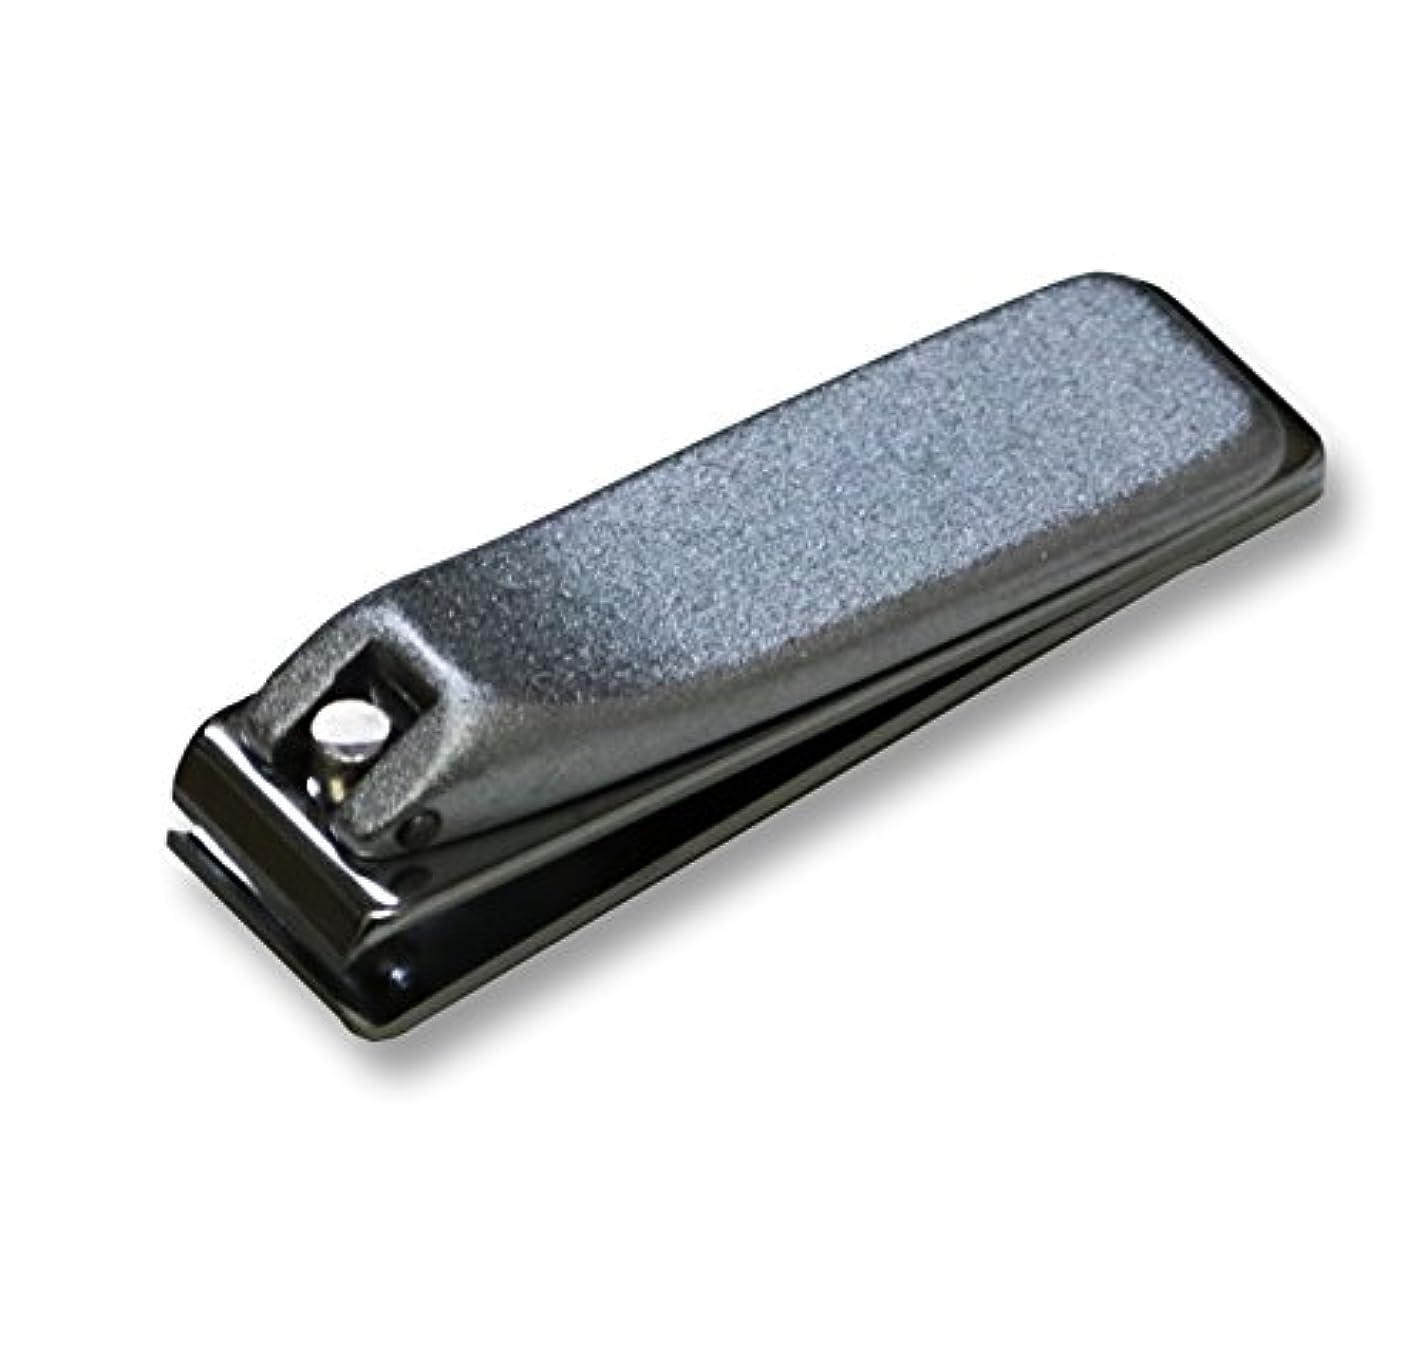 支払うボット子孫KD-035 関の刃物 クローム爪切 直刃 小 カバー無